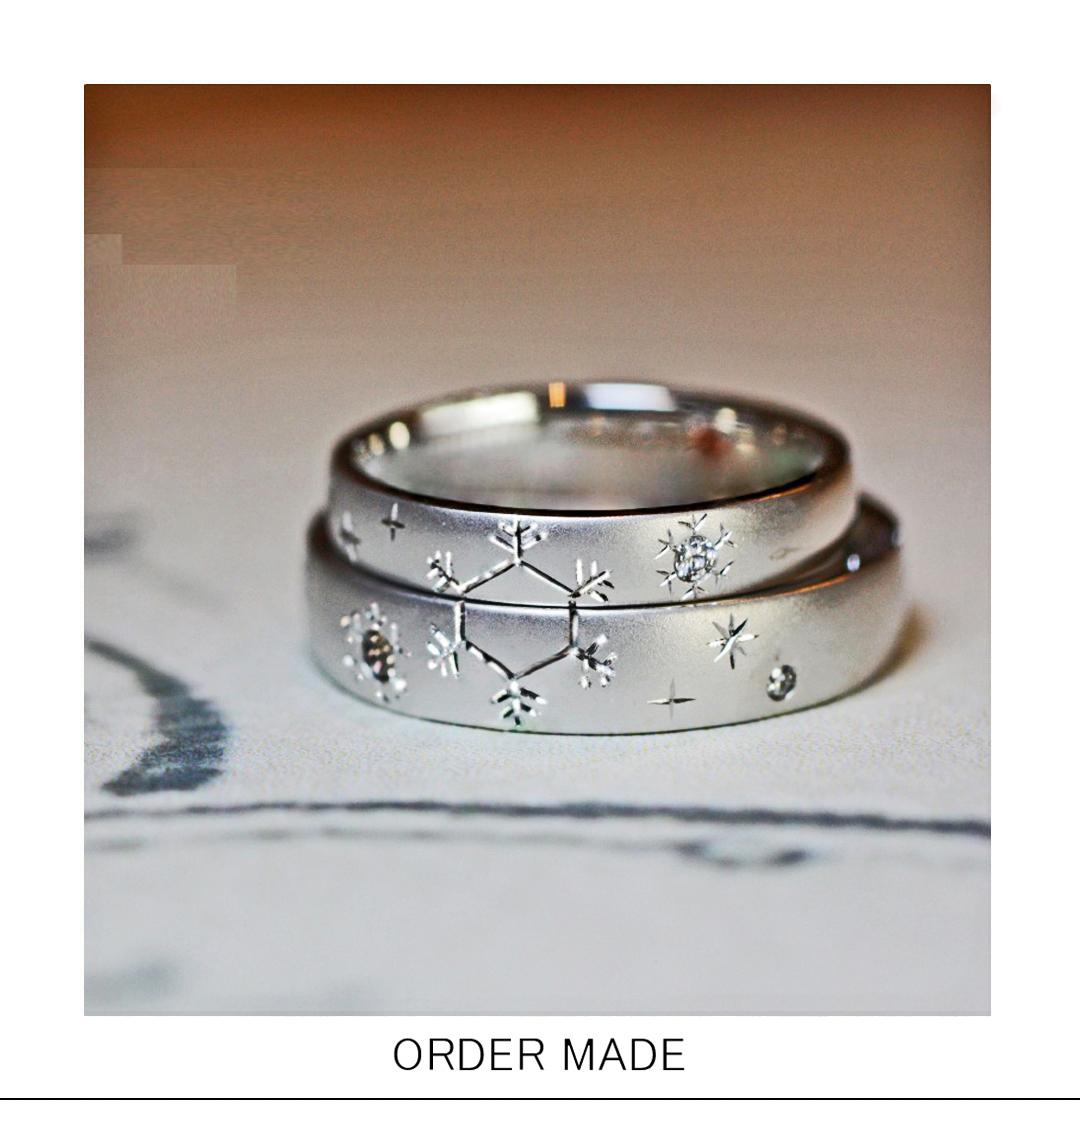 結婚指輪を2本かさねて雪の結晶をつくるオーダーメイド作品のサムネイル